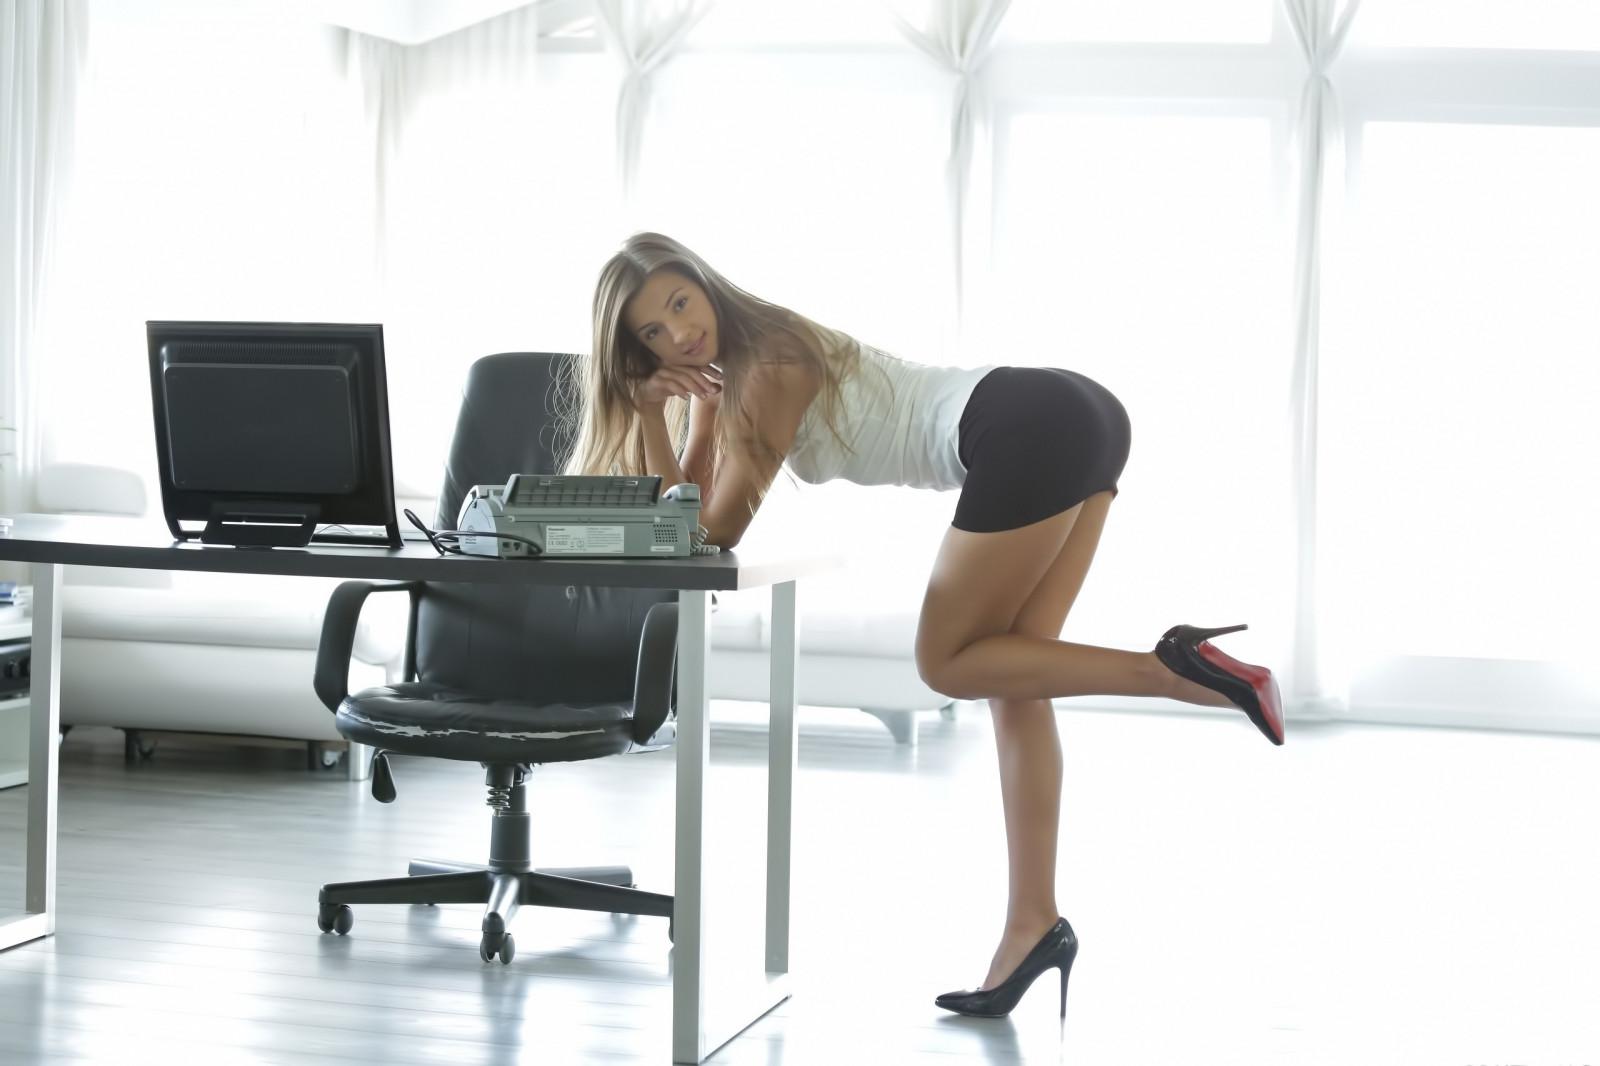 известно, самыми красивые телки в офисе откажите себе